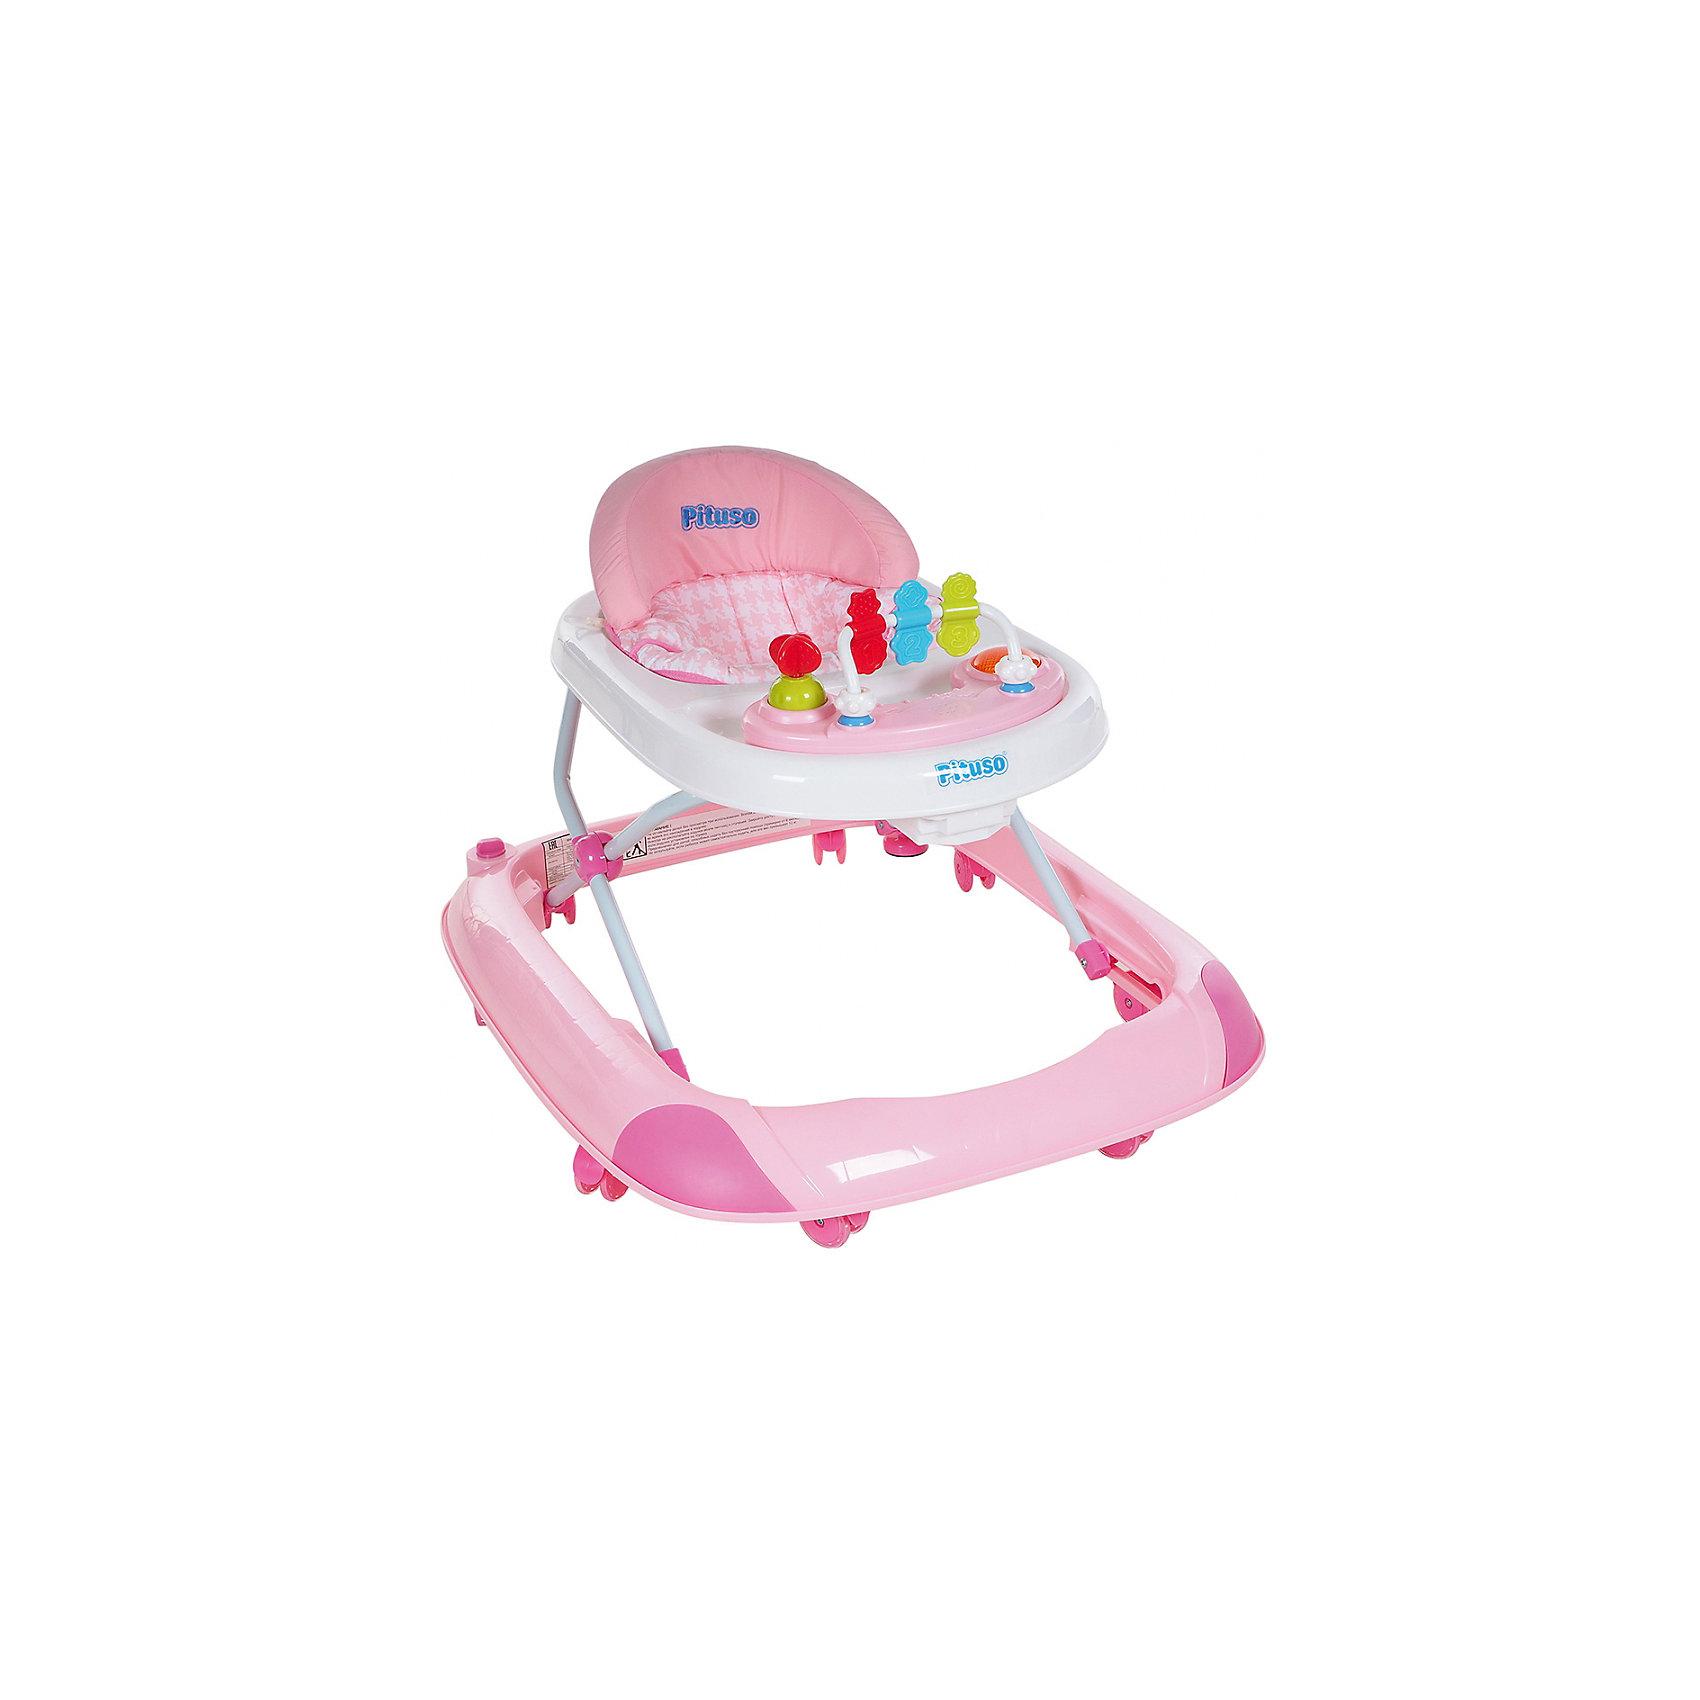 Ходунки 1-2-3, Pituso, розовыйХодунки<br>Характеристики ходунков Pituso:<br><br>• высота ходунков регулируется в 3-х положениях;<br>• музыкальное сопровождение;<br>• развивающие игрушки;<br>• устойчивая конструкция ходунков;<br>• мягкое сиденье эргономичной формы;<br>• передние поворотные колесики, материал силикон;<br>• задние колеса со сцеплением;<br>• материал ходунков: пластик, чехлы – полиэстер.<br><br>Размер ходунков в сложенном виде: 62,5х11,5х72 см<br>Вес: 3,37 кг<br>Максимальная нагрузка: 13 кг<br><br>Ходунки 1-2-3, Pituso, розовые можно купить в нашем интернет-магазине.<br><br>Ширина мм: 625<br>Глубина мм: 115<br>Высота мм: 720<br>Вес г: 3370<br>Возраст от месяцев: 6<br>Возраст до месяцев: 12<br>Пол: Женский<br>Возраст: Детский<br>SKU: 5559194